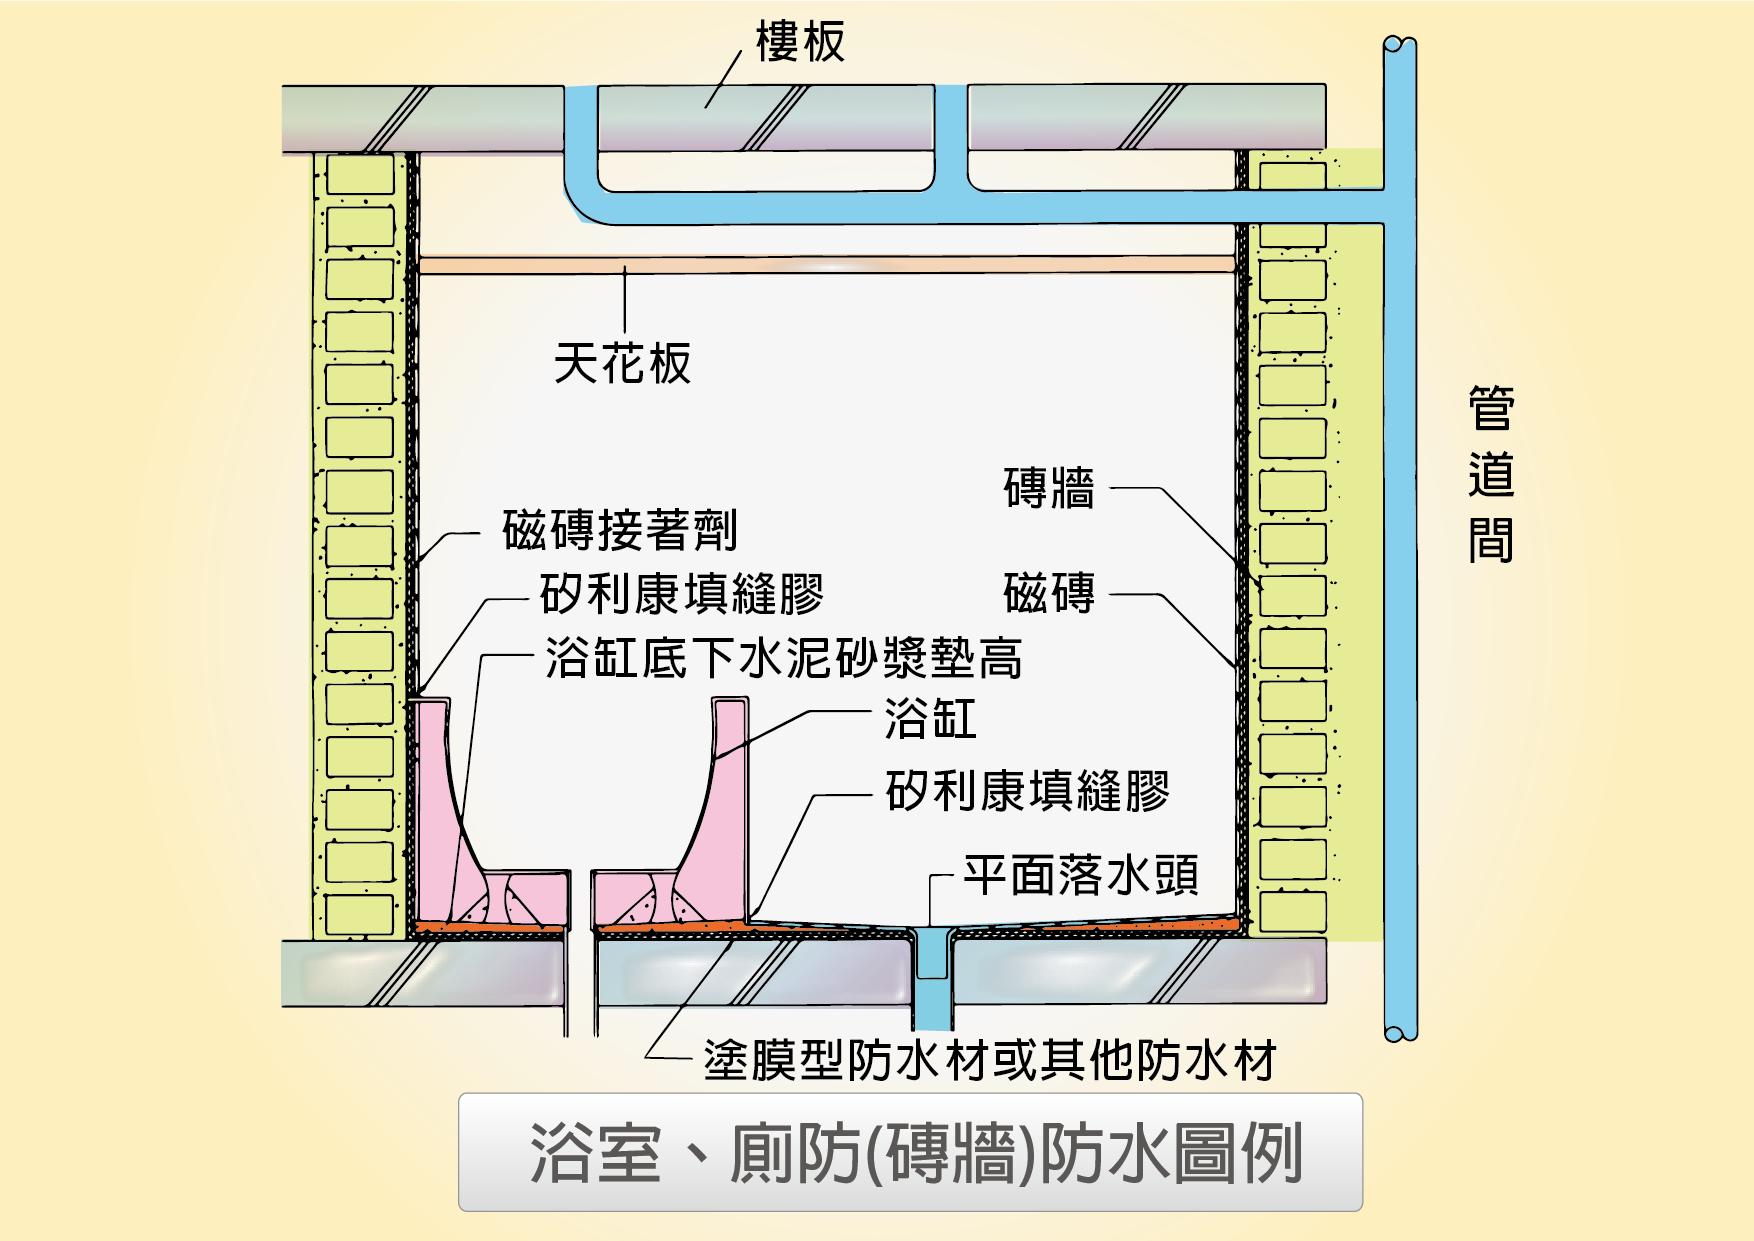 圖2-4-72(圖例一).png